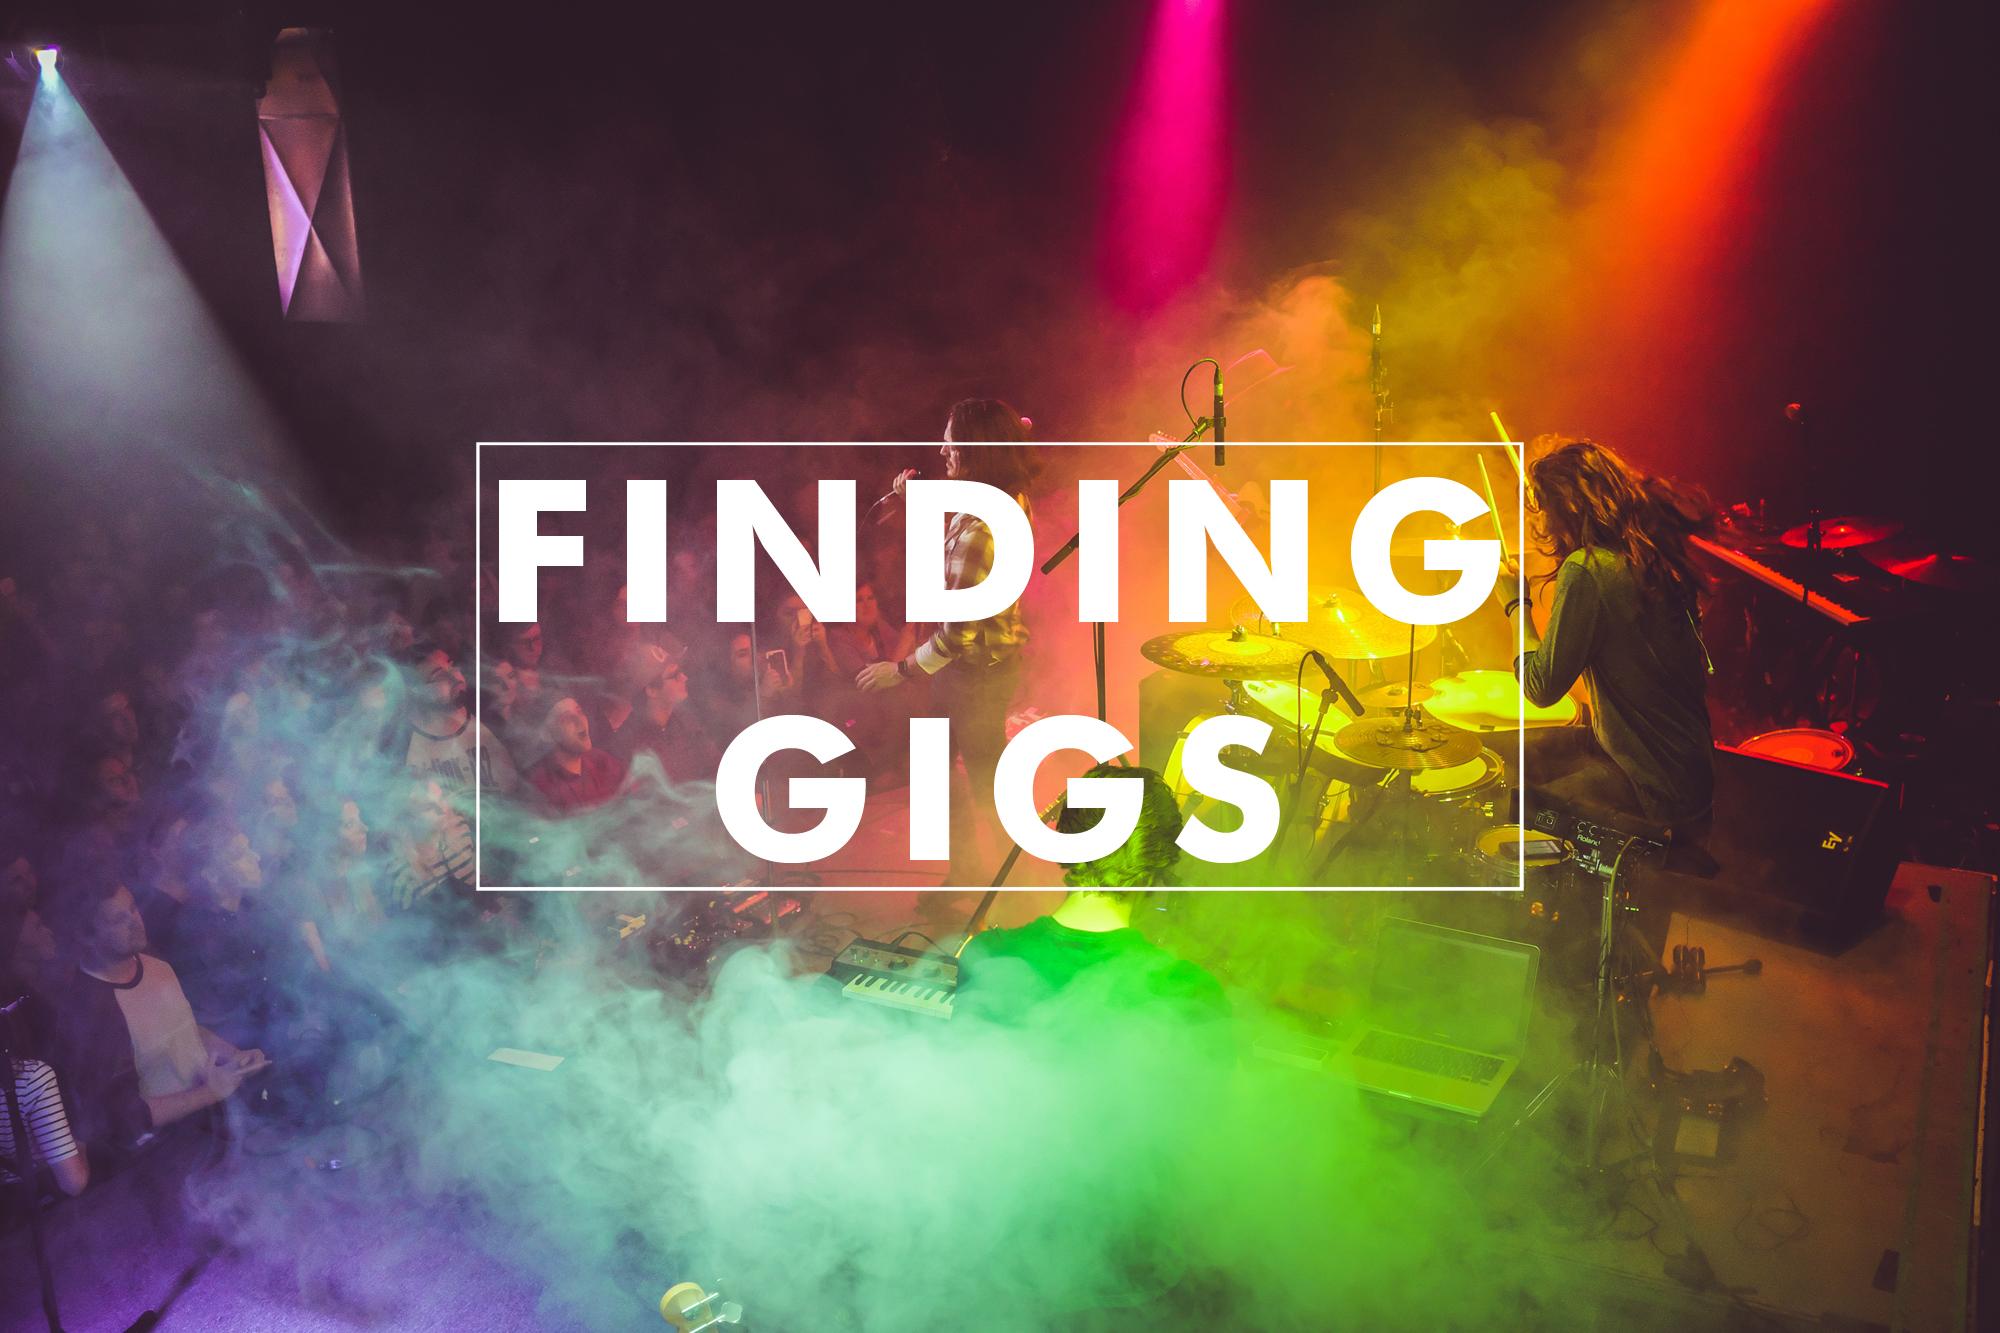 finding gigs smaller.jpg